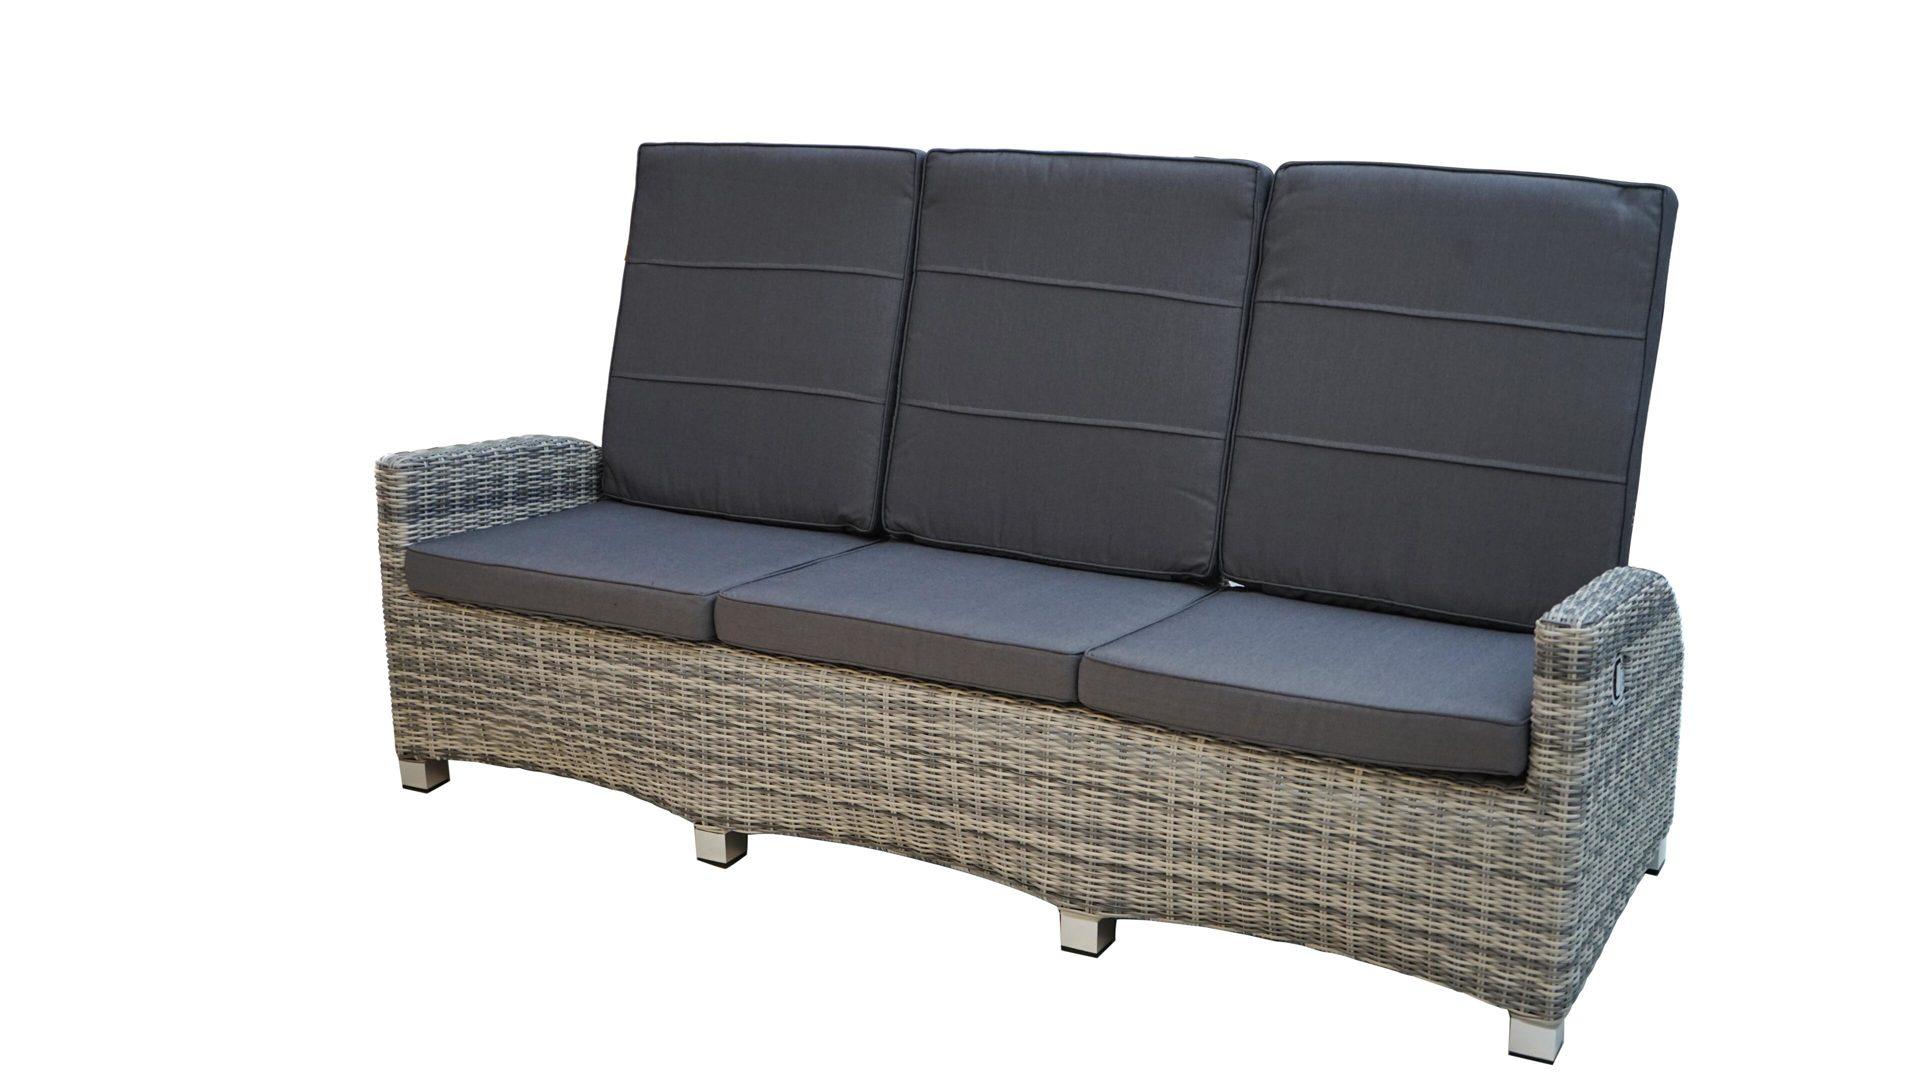 Einrichtungspartnerring Outdoor Lounge Möbel Ploß Ploß